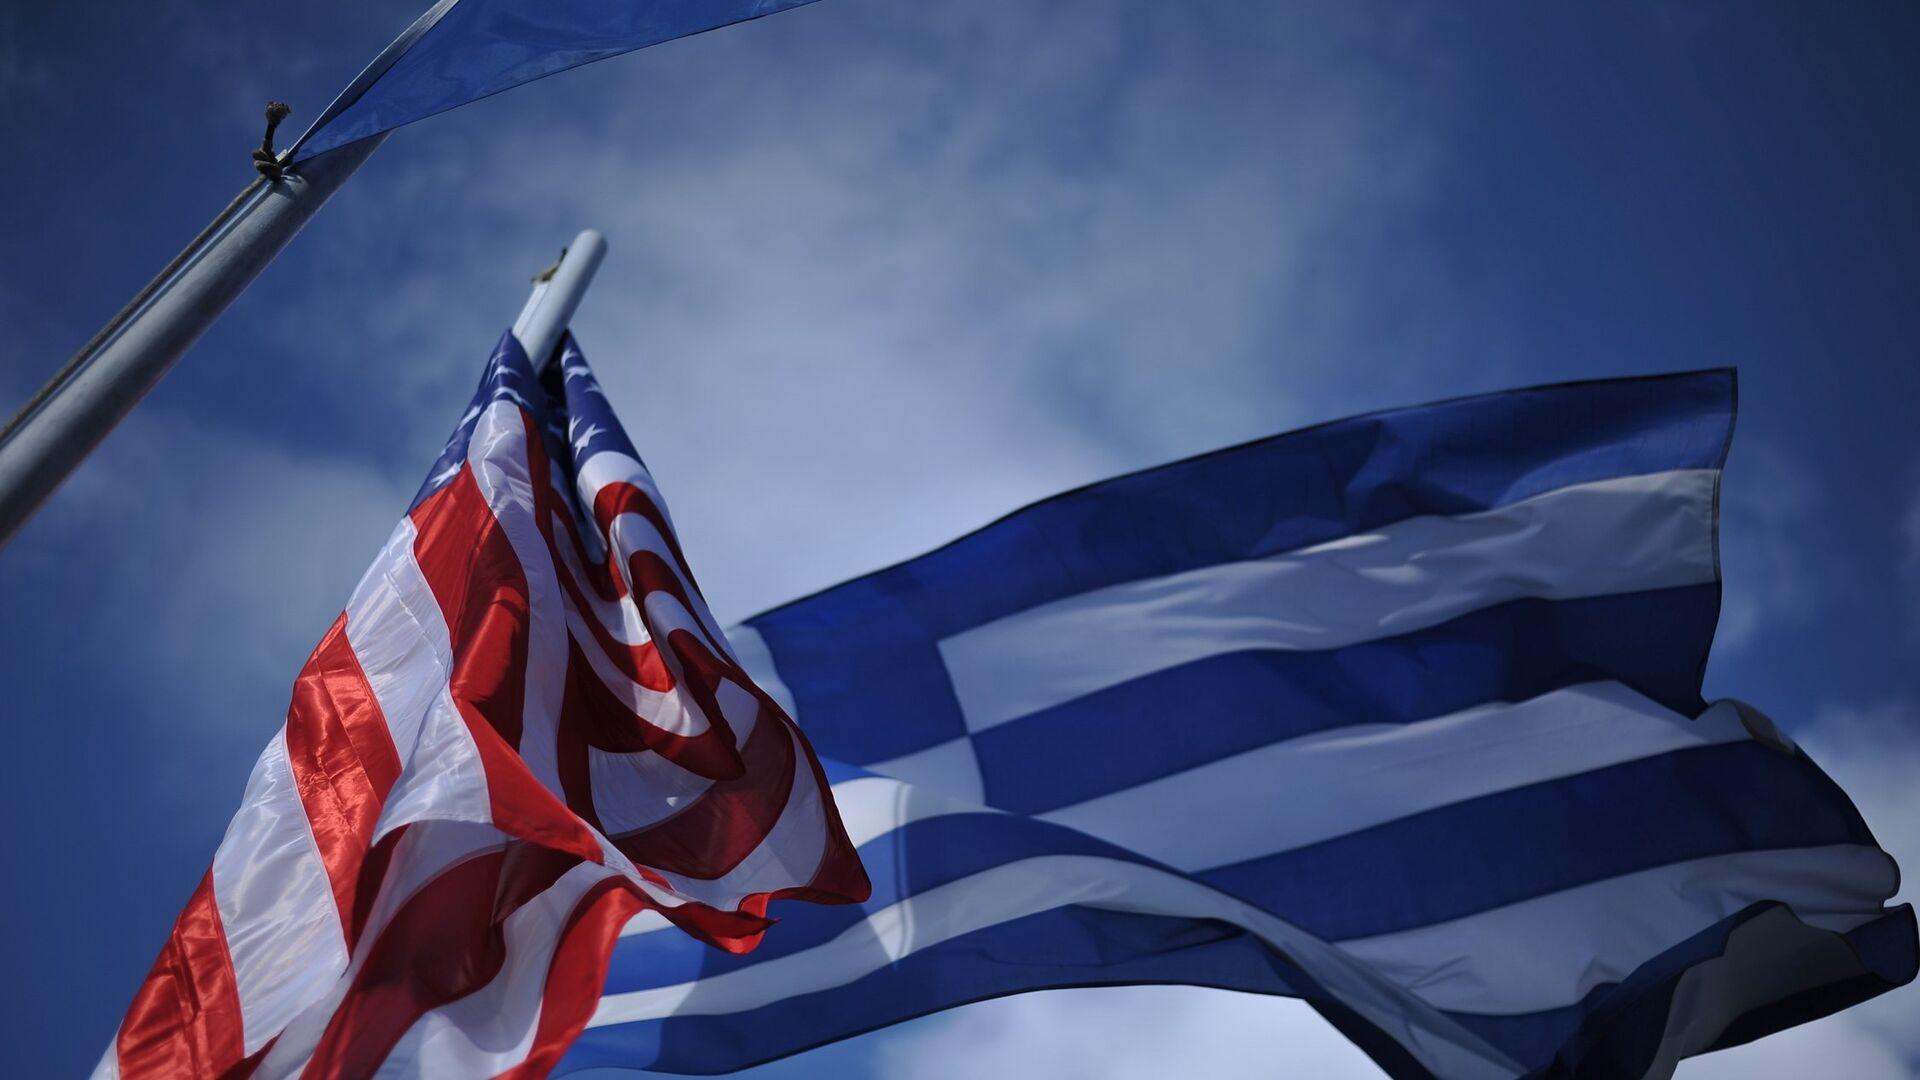 Οι σημαίες Ελλάδας - ΗΠΑ - Sputnik Ελλάδα, 1920, 13.10.2021